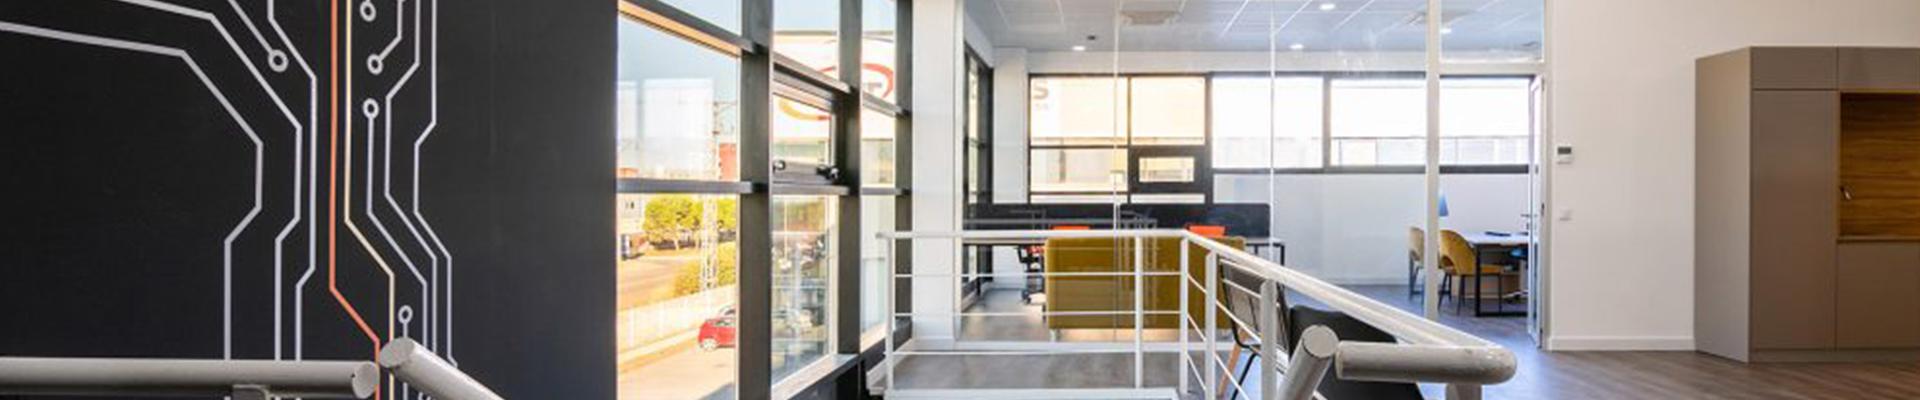 Beamonte y Vallejo arquitectos - Oficinas